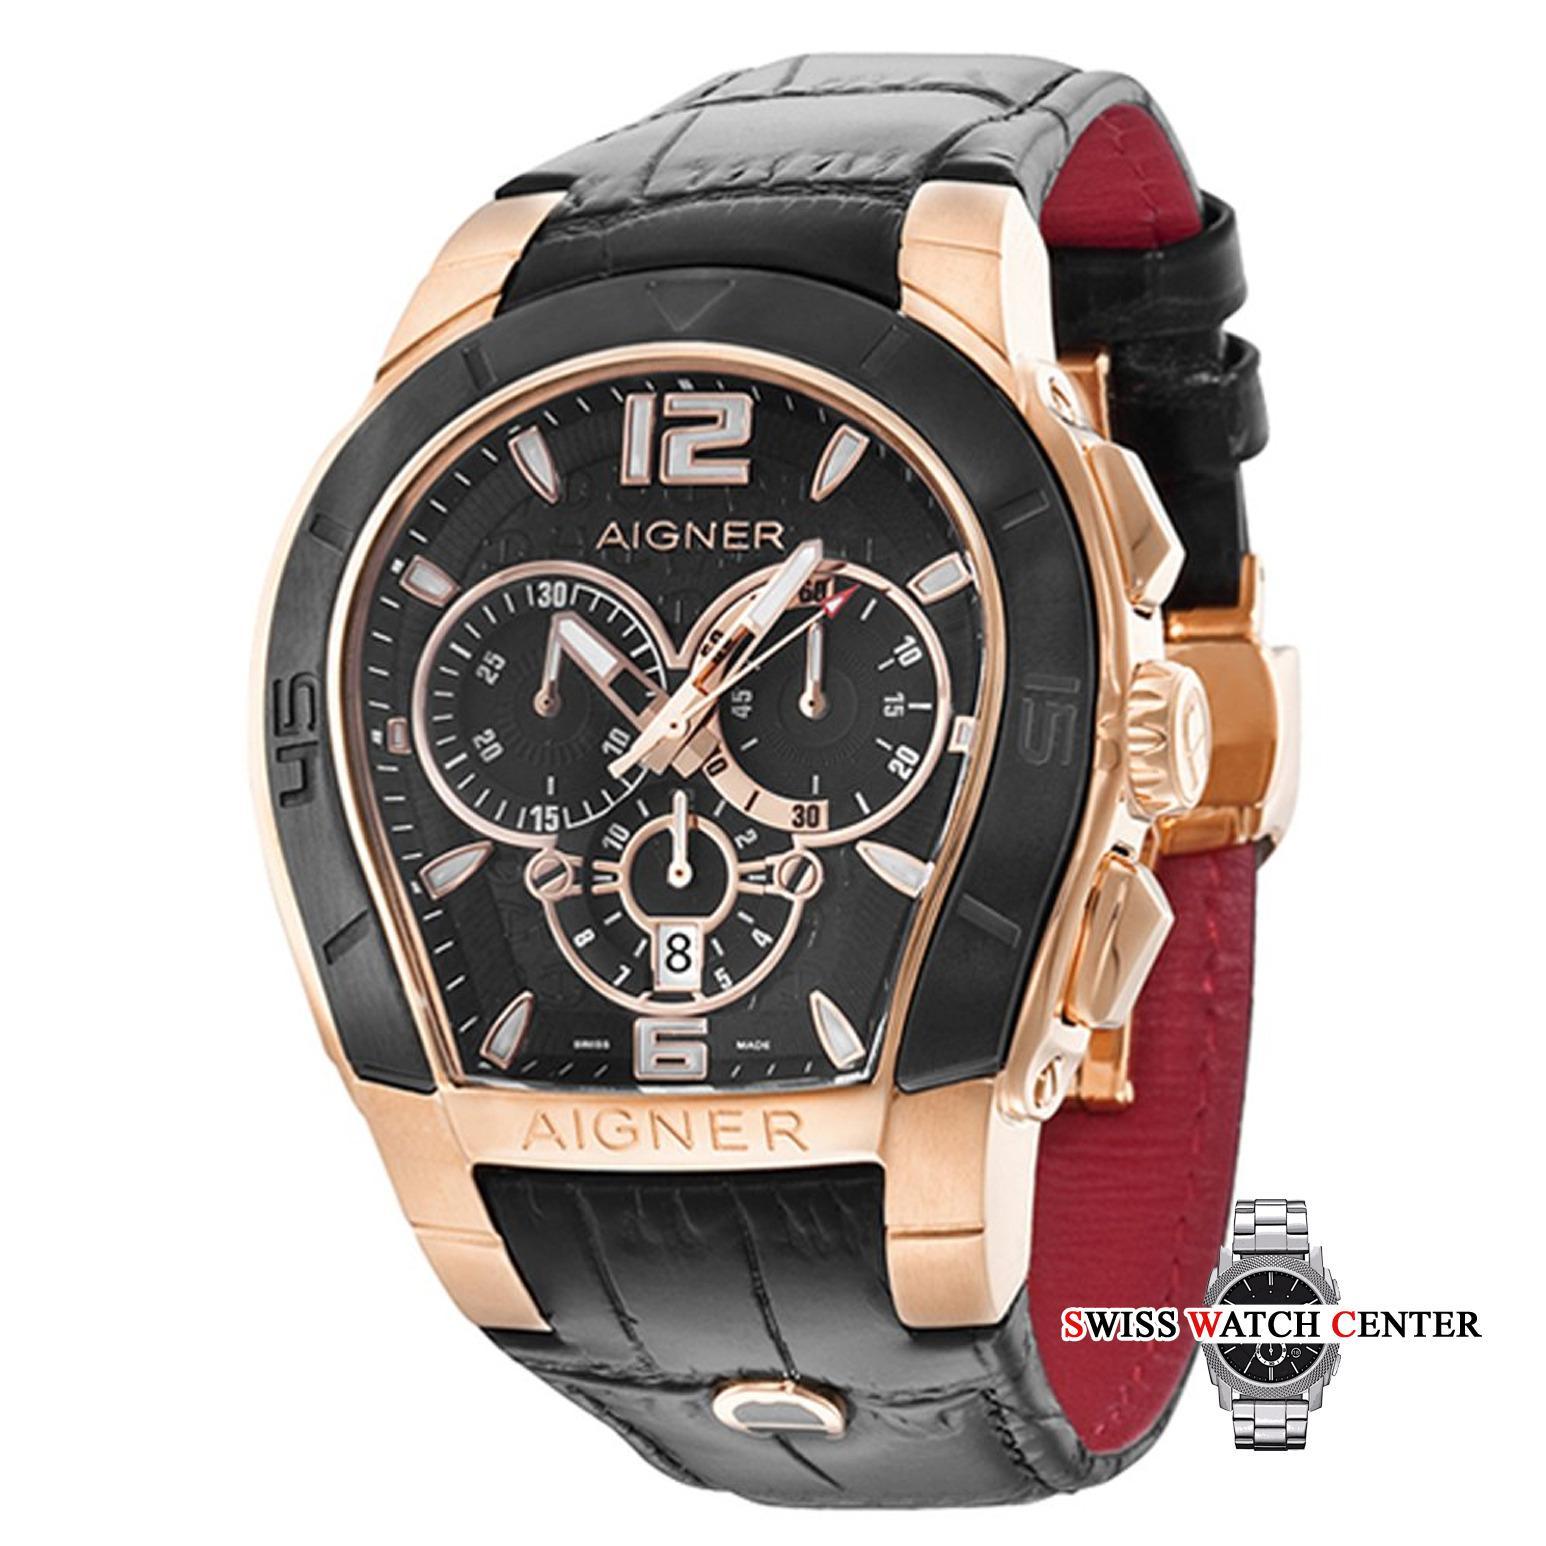 Spesifikasi Jam Tangan Aigner Palermo Jam Tangan Pria Dan Wanita Unisex Chrono Aktif Limited Edition Murah Berkualitas